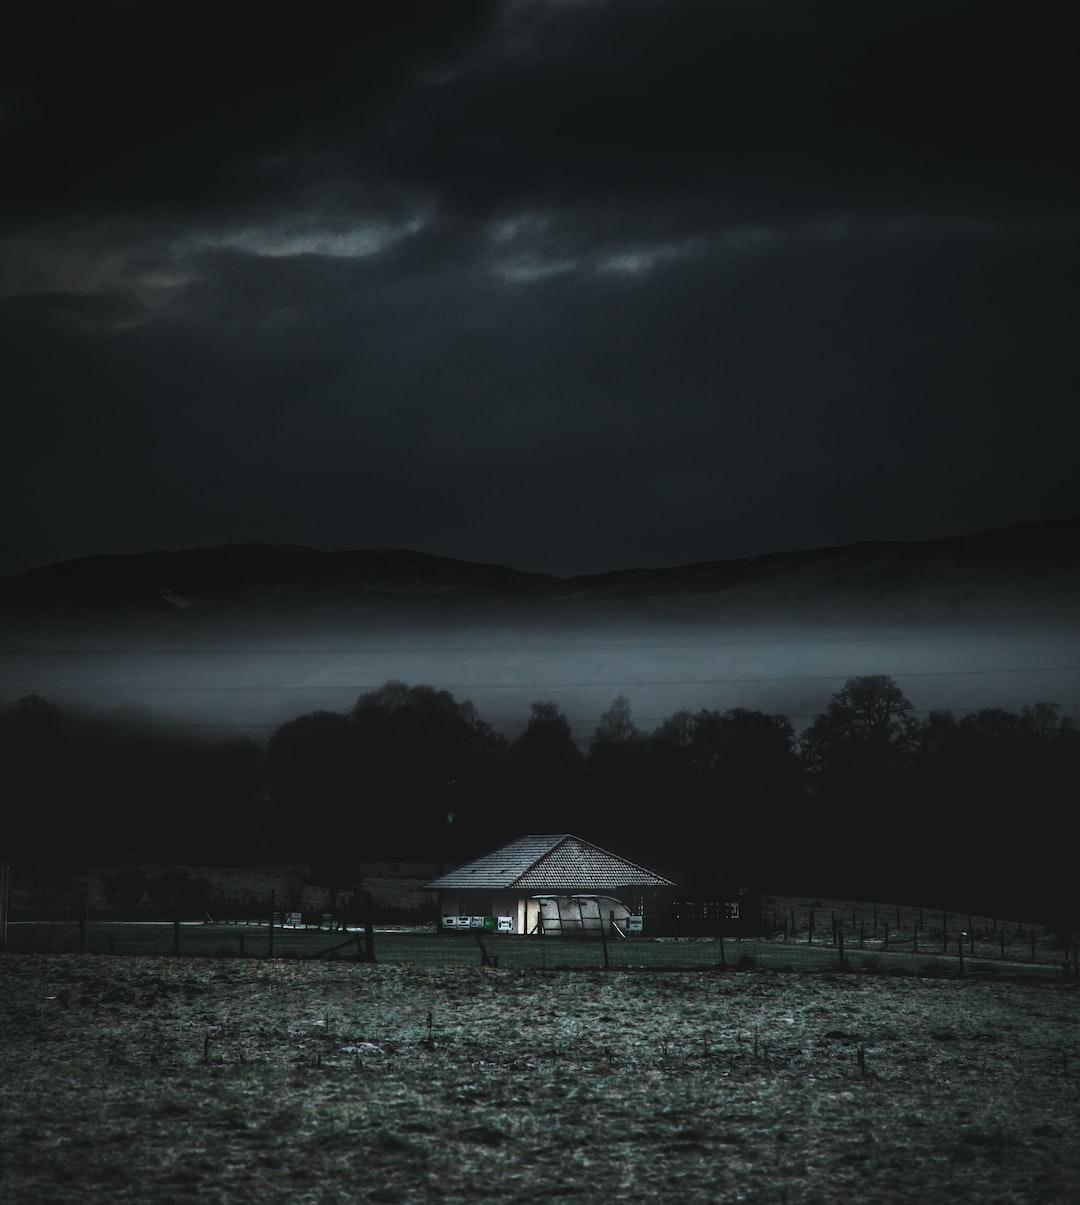 Alone in the dark.